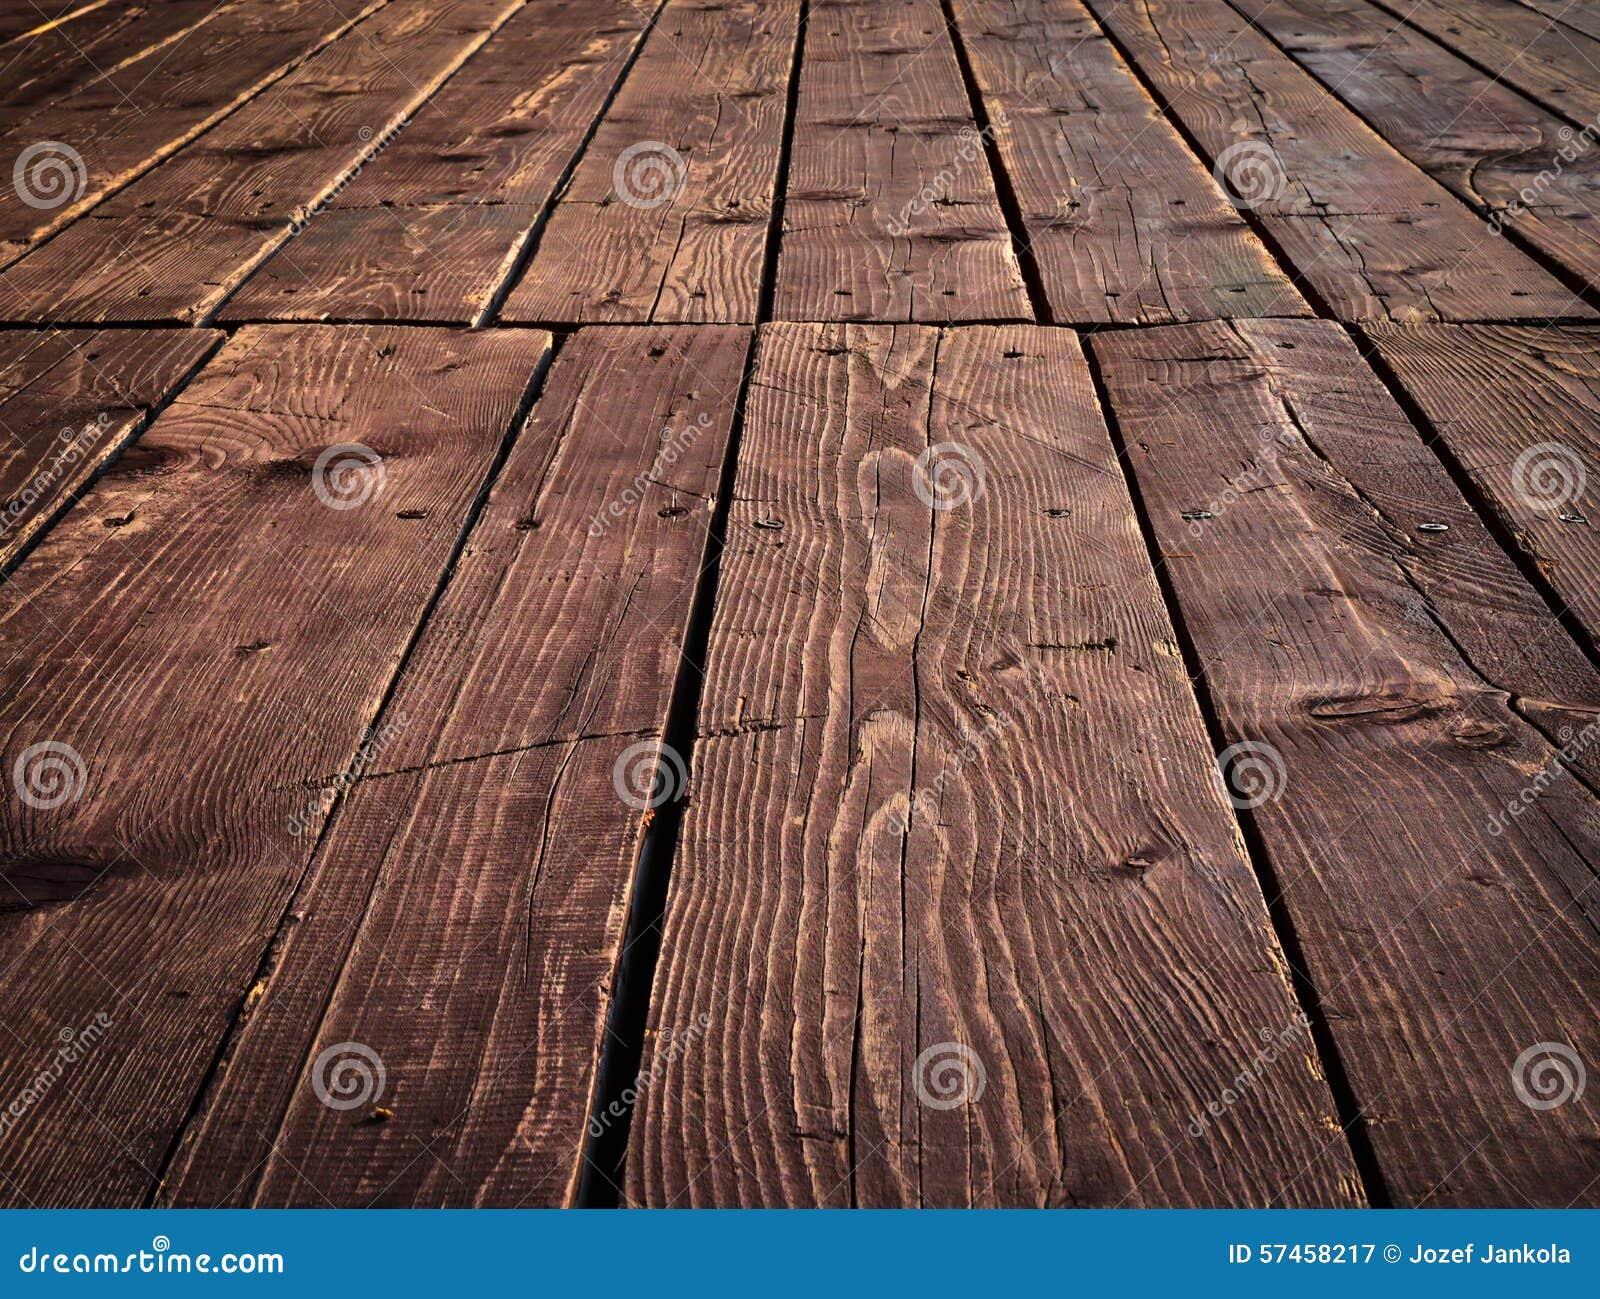 Oude Houten Vloeren : Oude houten vloeren met raad stock afbeelding afbeelding bestaande